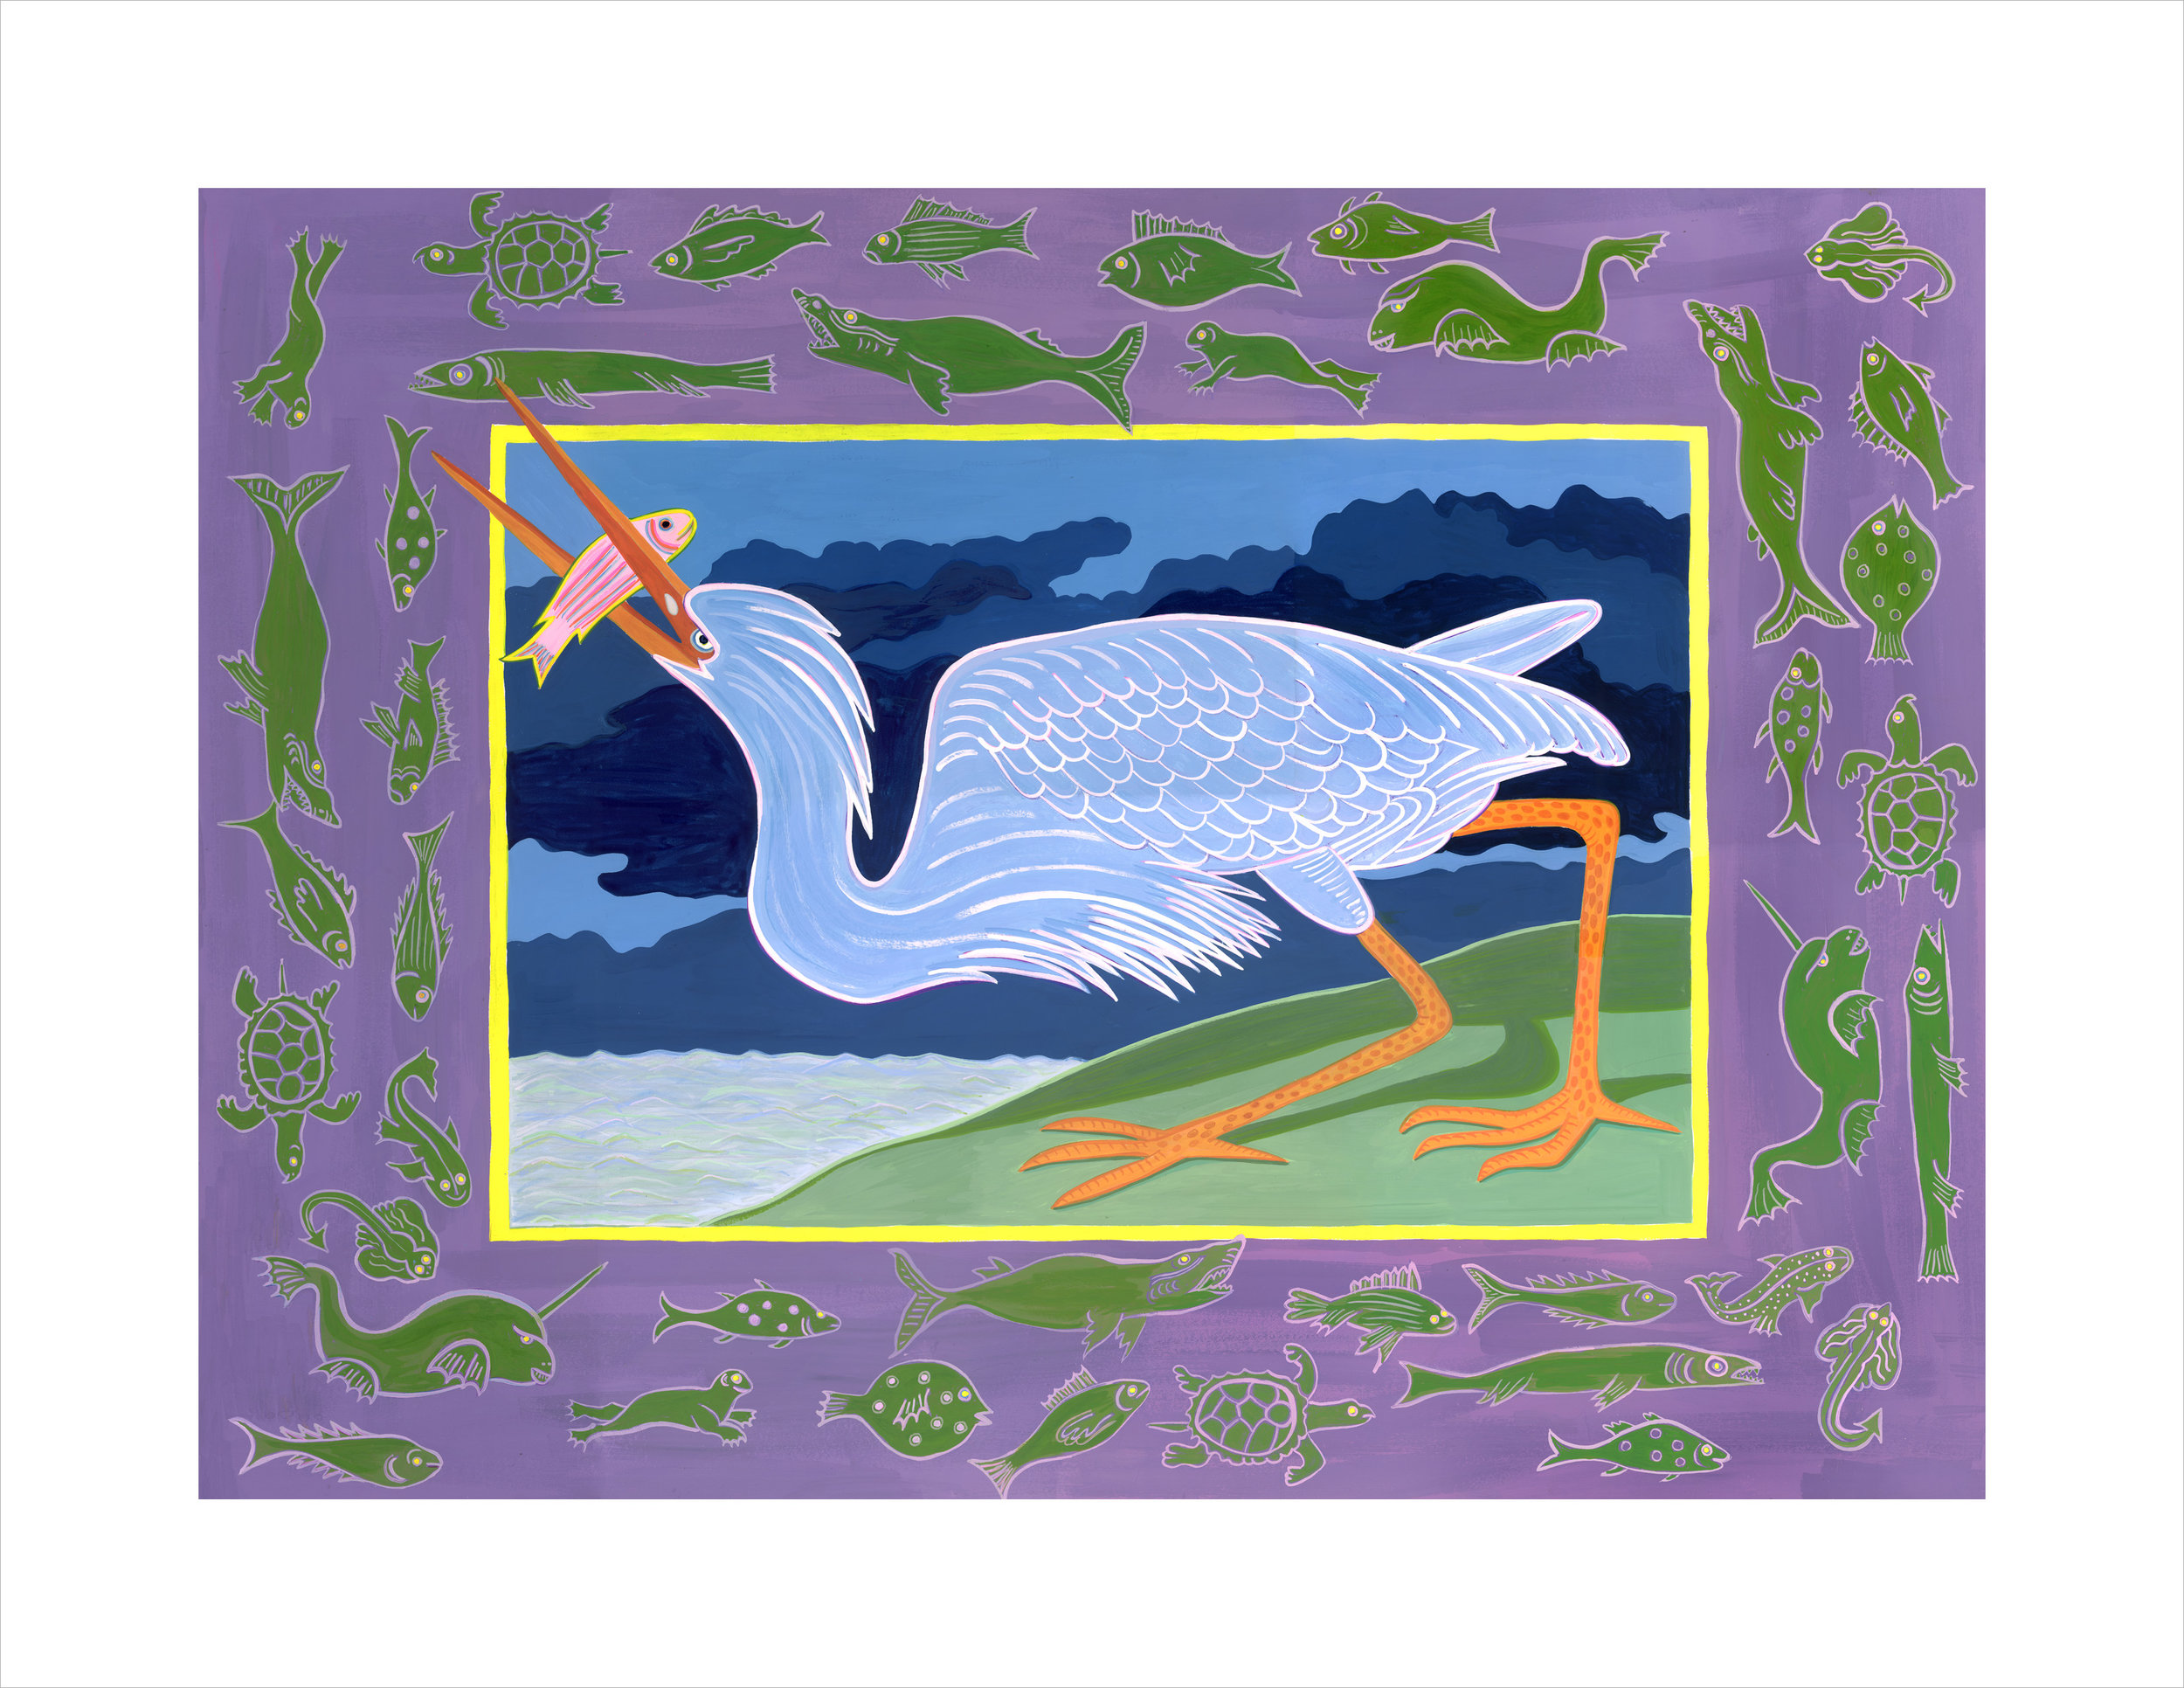 Beyond Audubon, Great White Heron